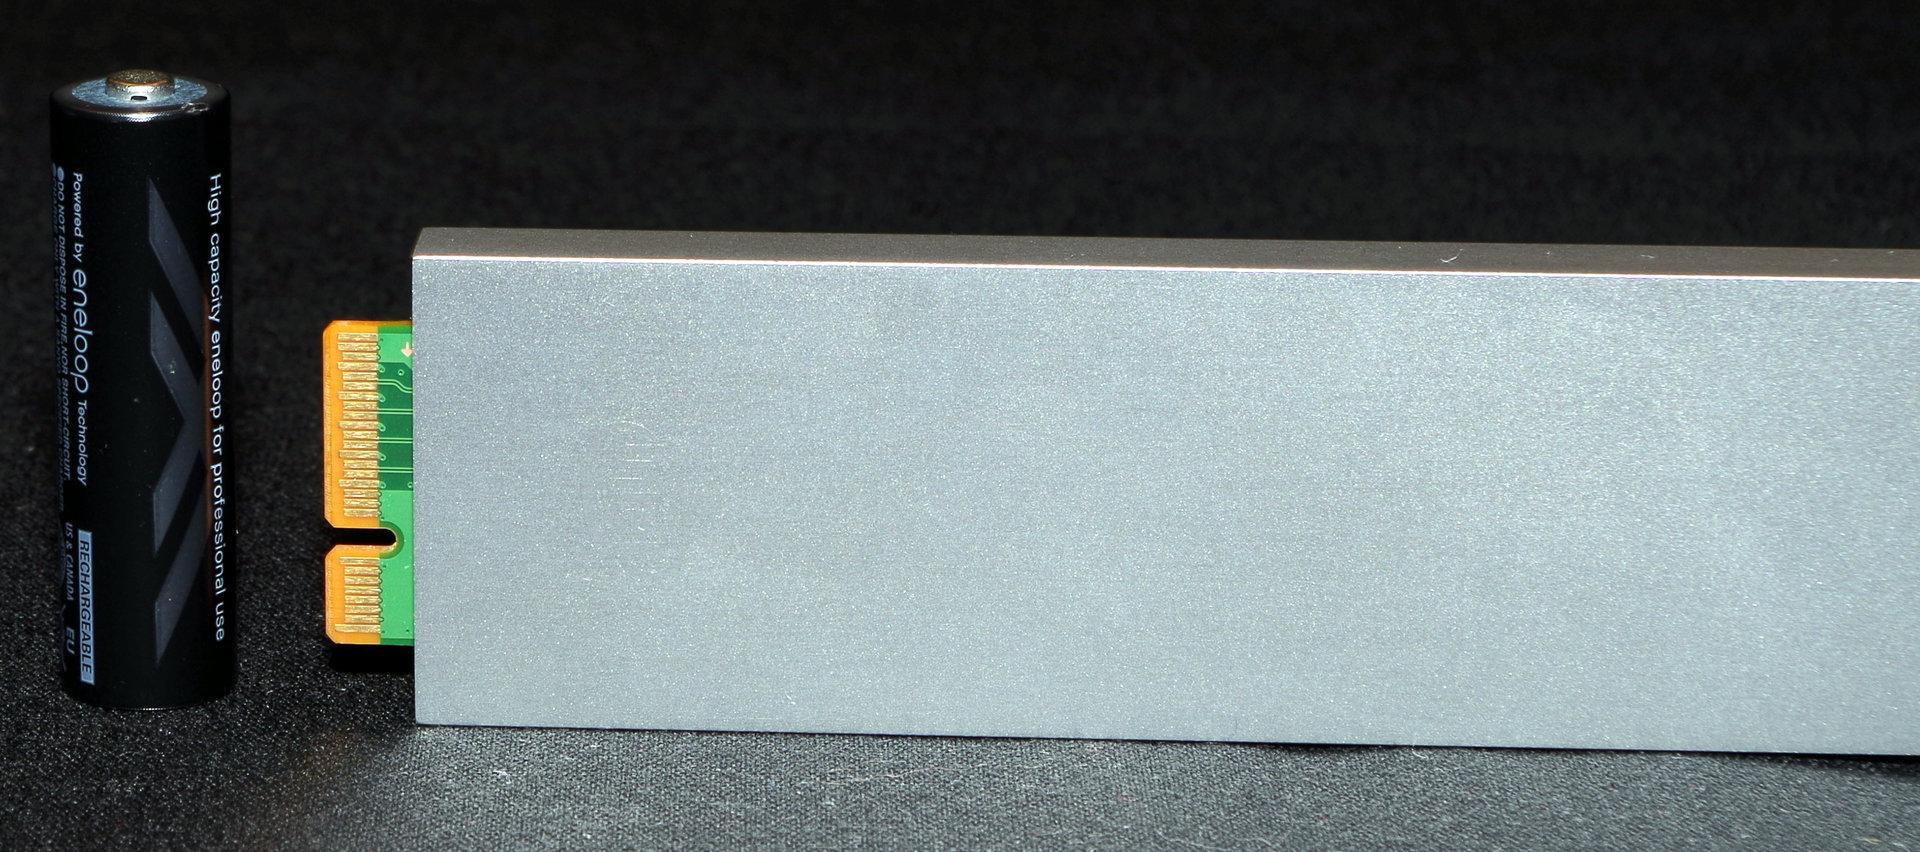 Der Anschluss der Ruler-SSD